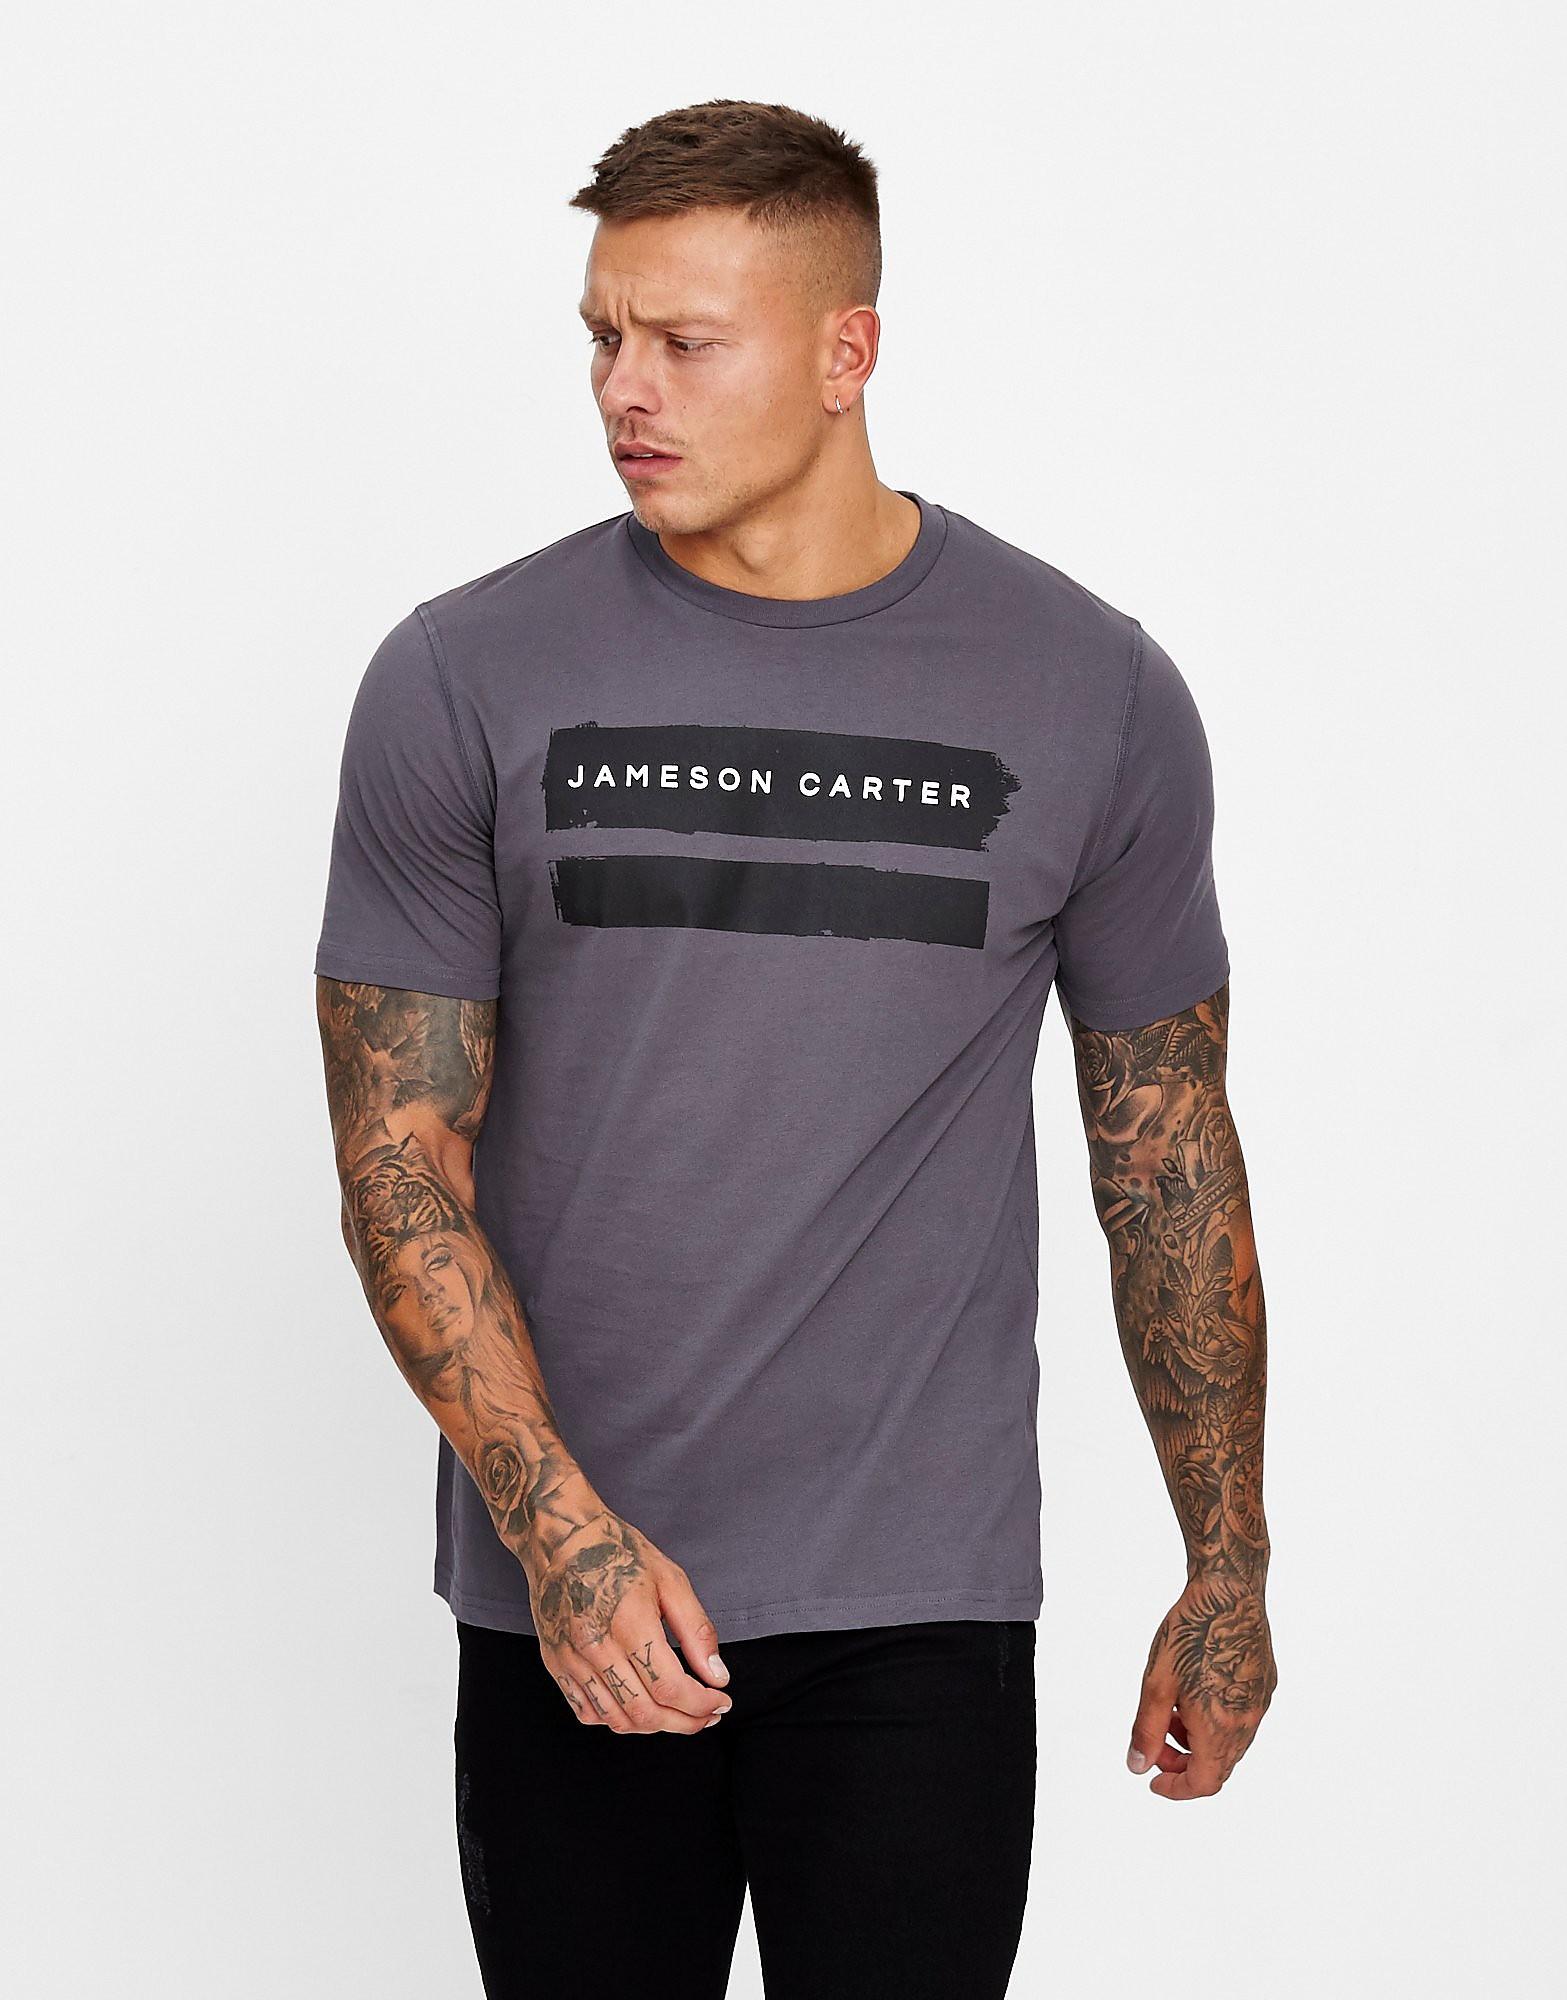 JAMESON CARTER T-shirt Paint Homme - Gris, Gris